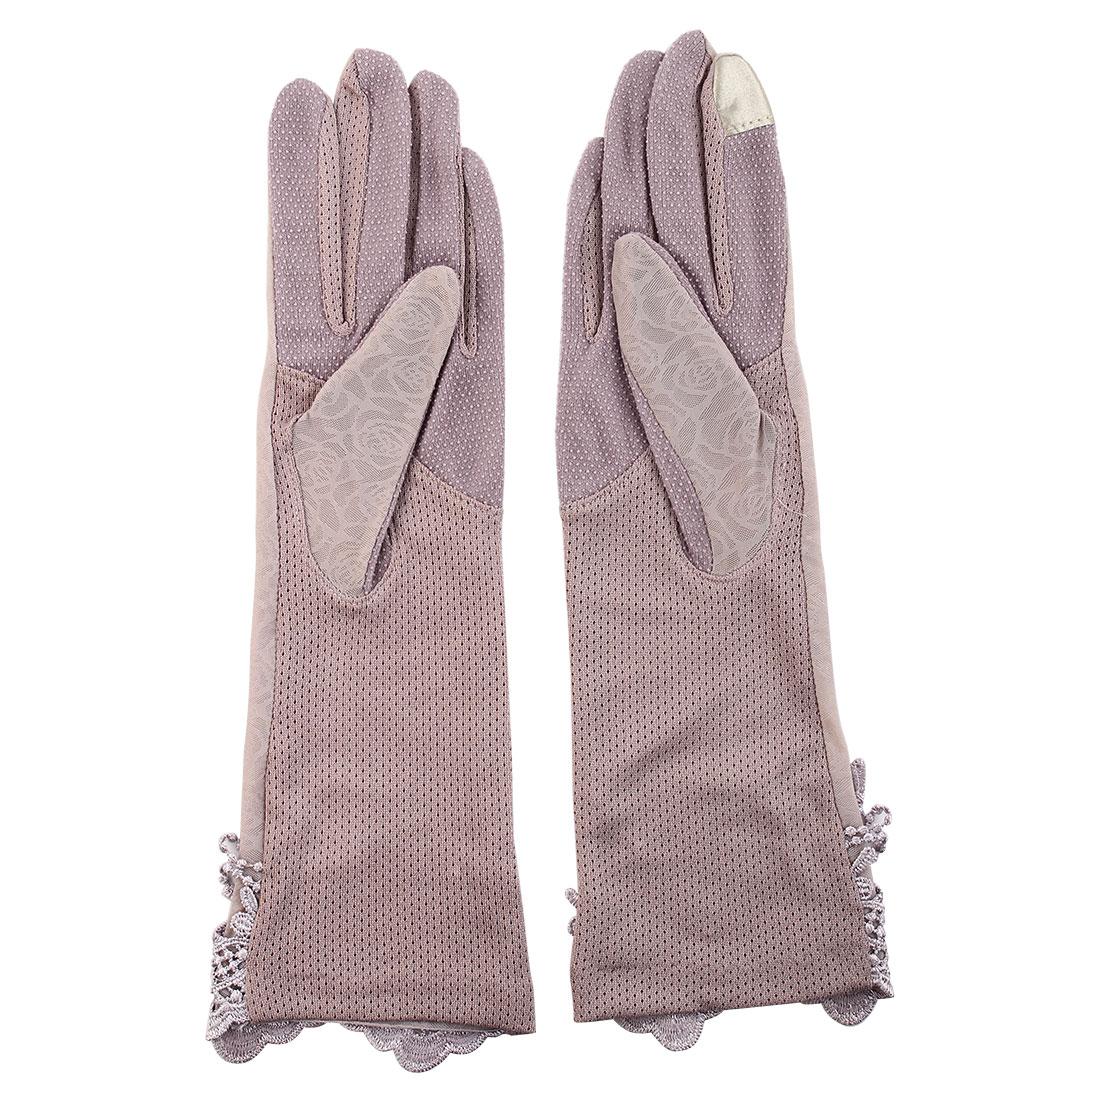 Outdoor Travel Driving Flower Butterfly Decor Full Finger Non-slip Sun Resistant Gloves Purple Pair for Women